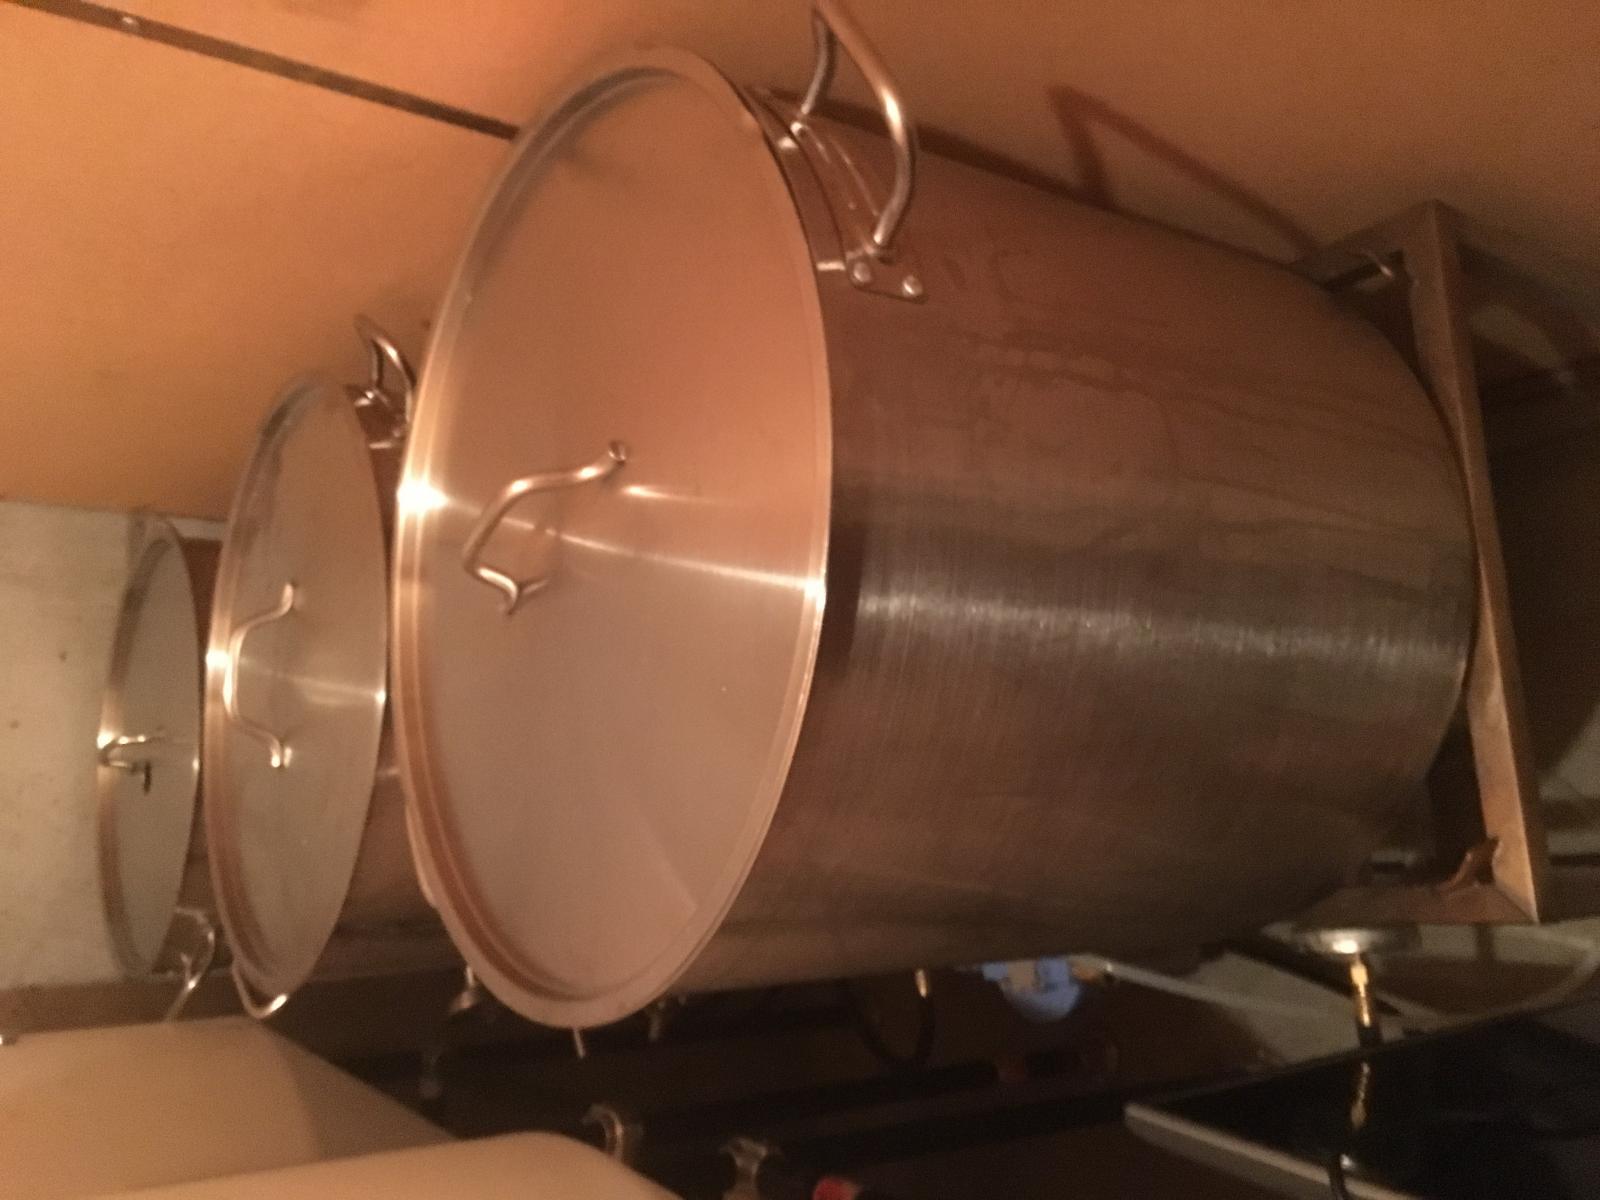 Washington - Nano-brewery set-up for sale | HomeBrewTalk com